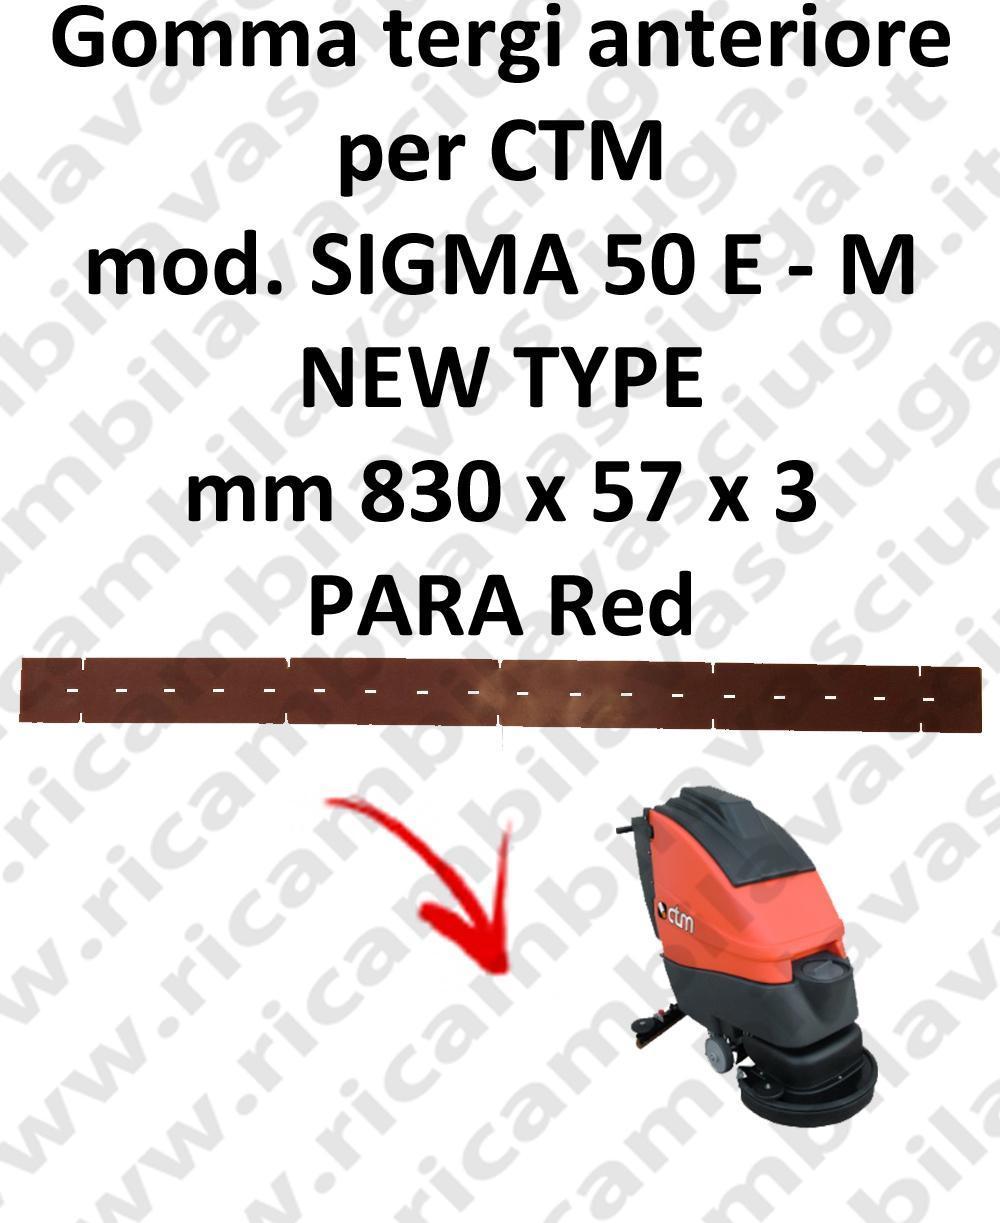 SIGMA 50 ünd - M NEW TYPE Vorne sauglippen für scheuersaugmaschinen CTM